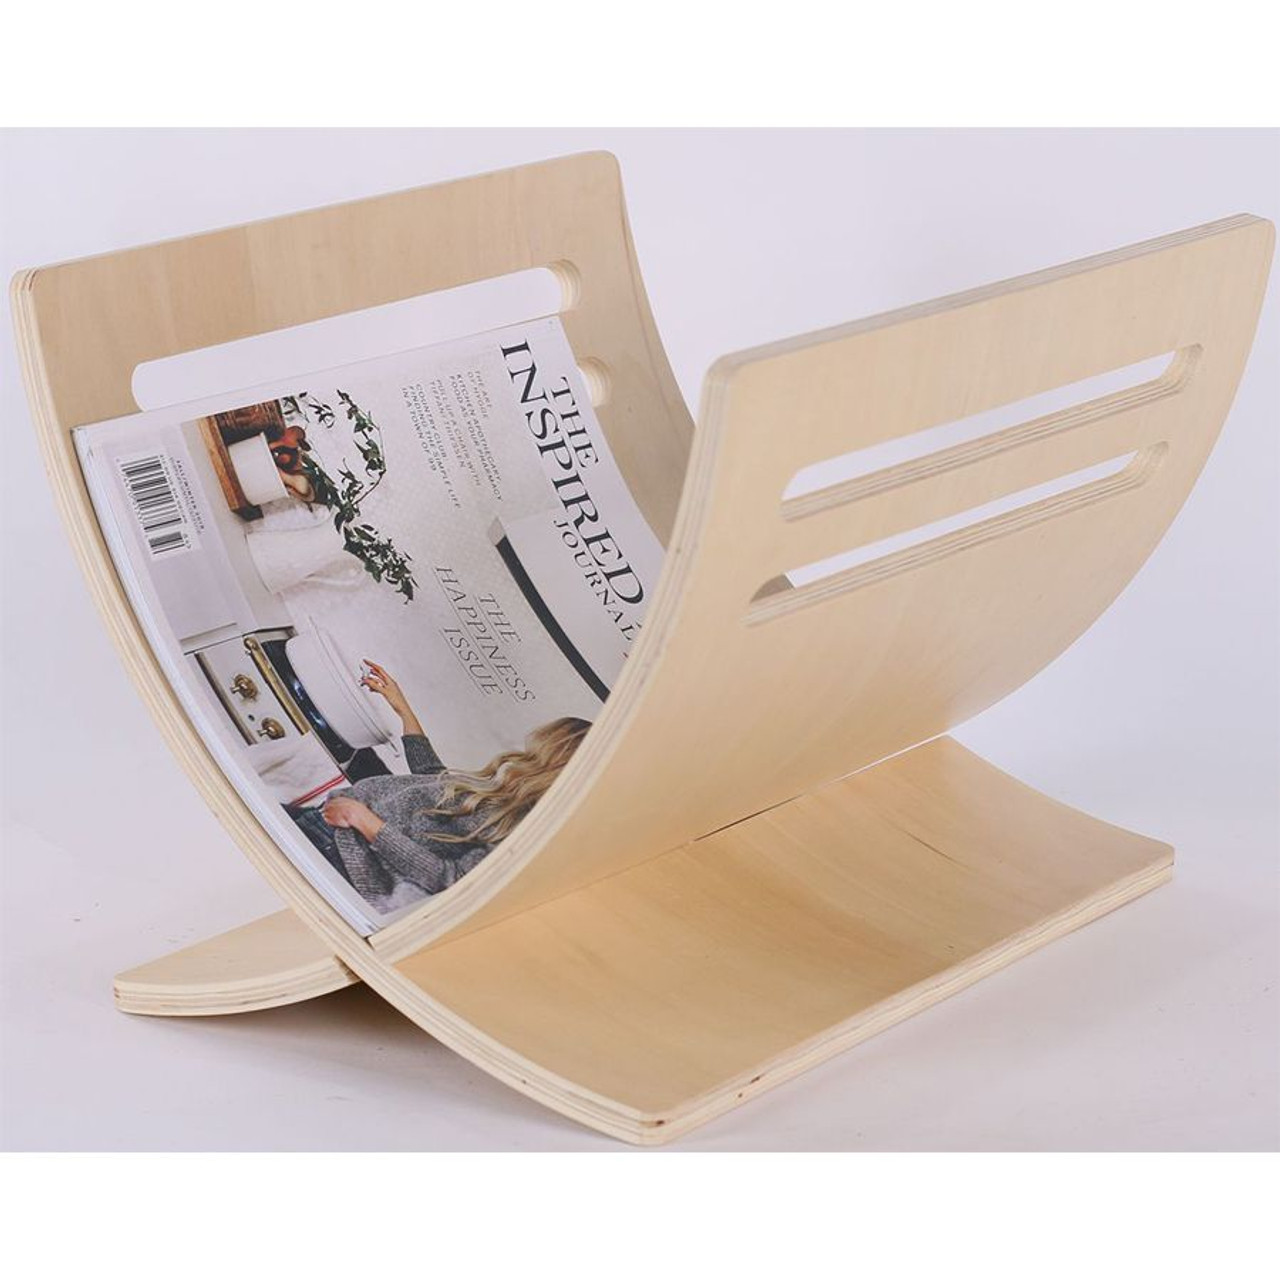 Solid Wood Magazine Holder, Natural Color